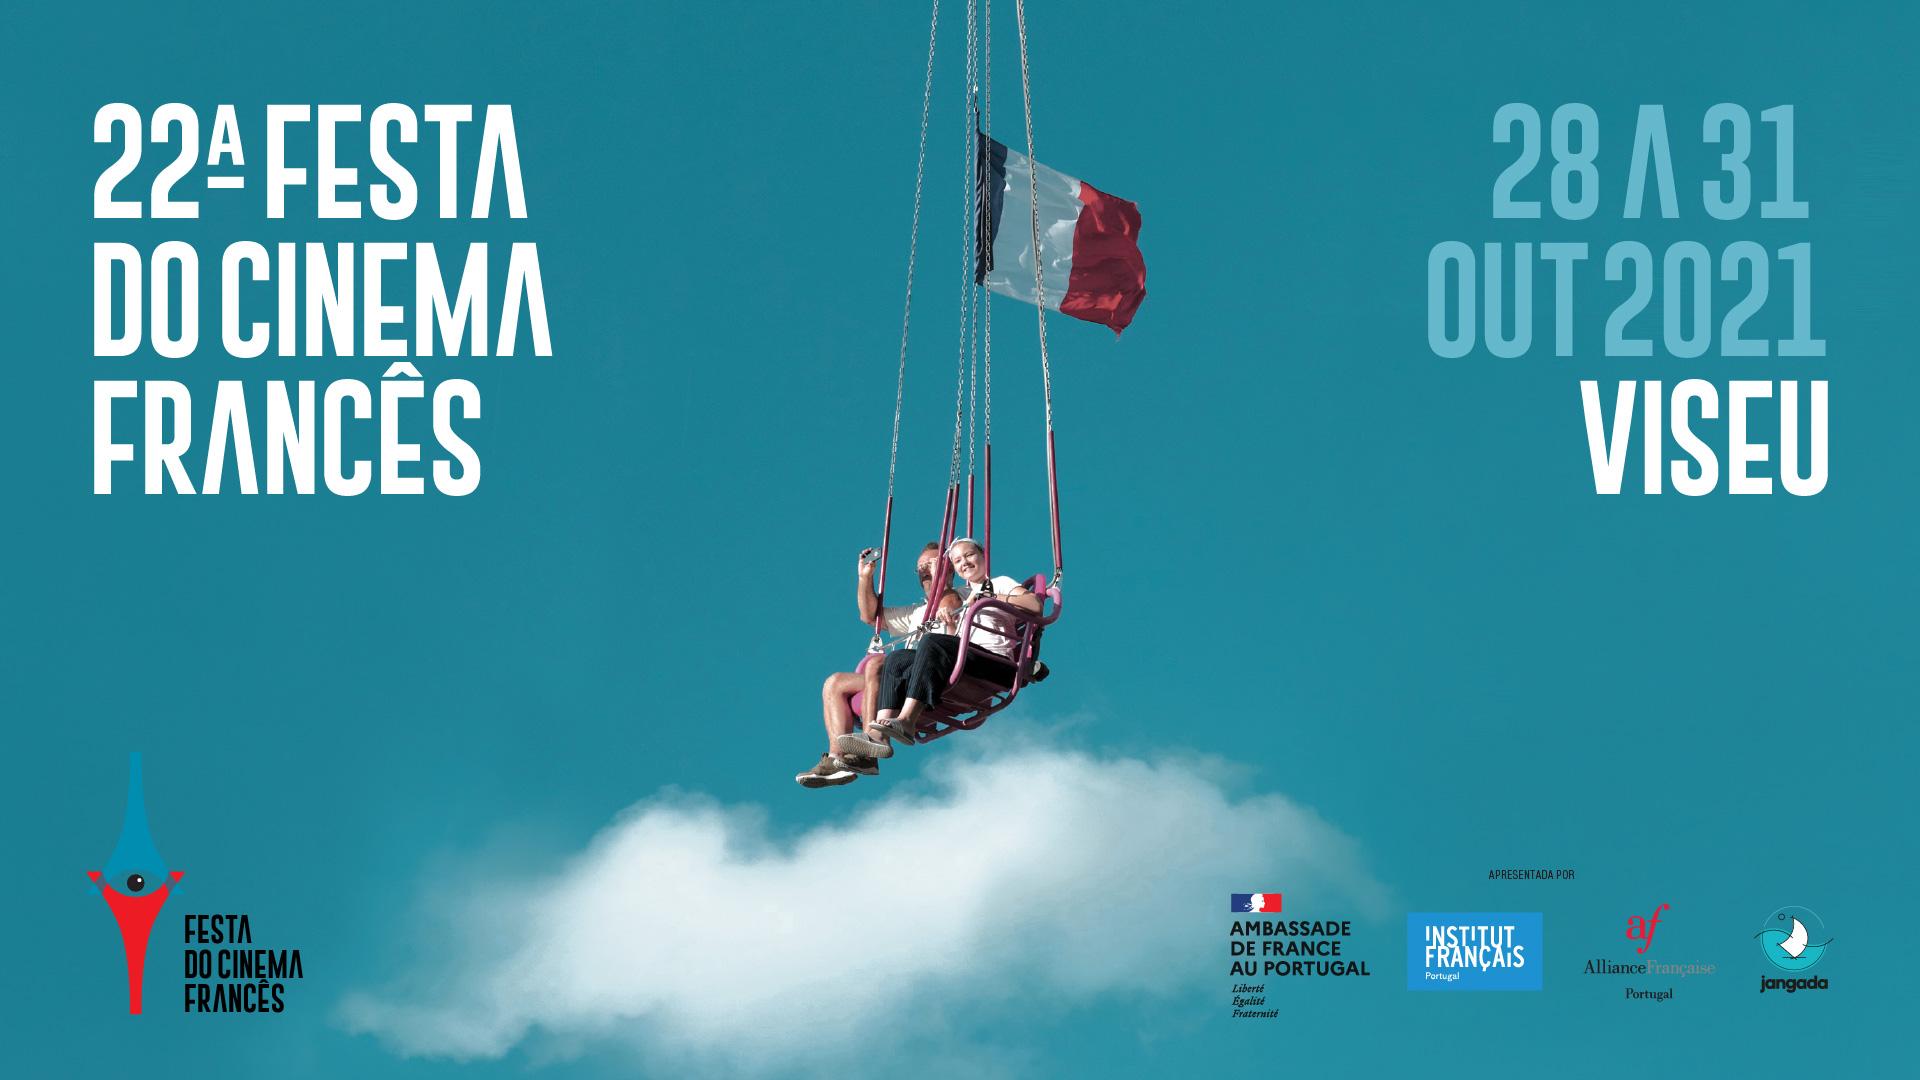 22ª Festa do Cinema Francês . Viseu